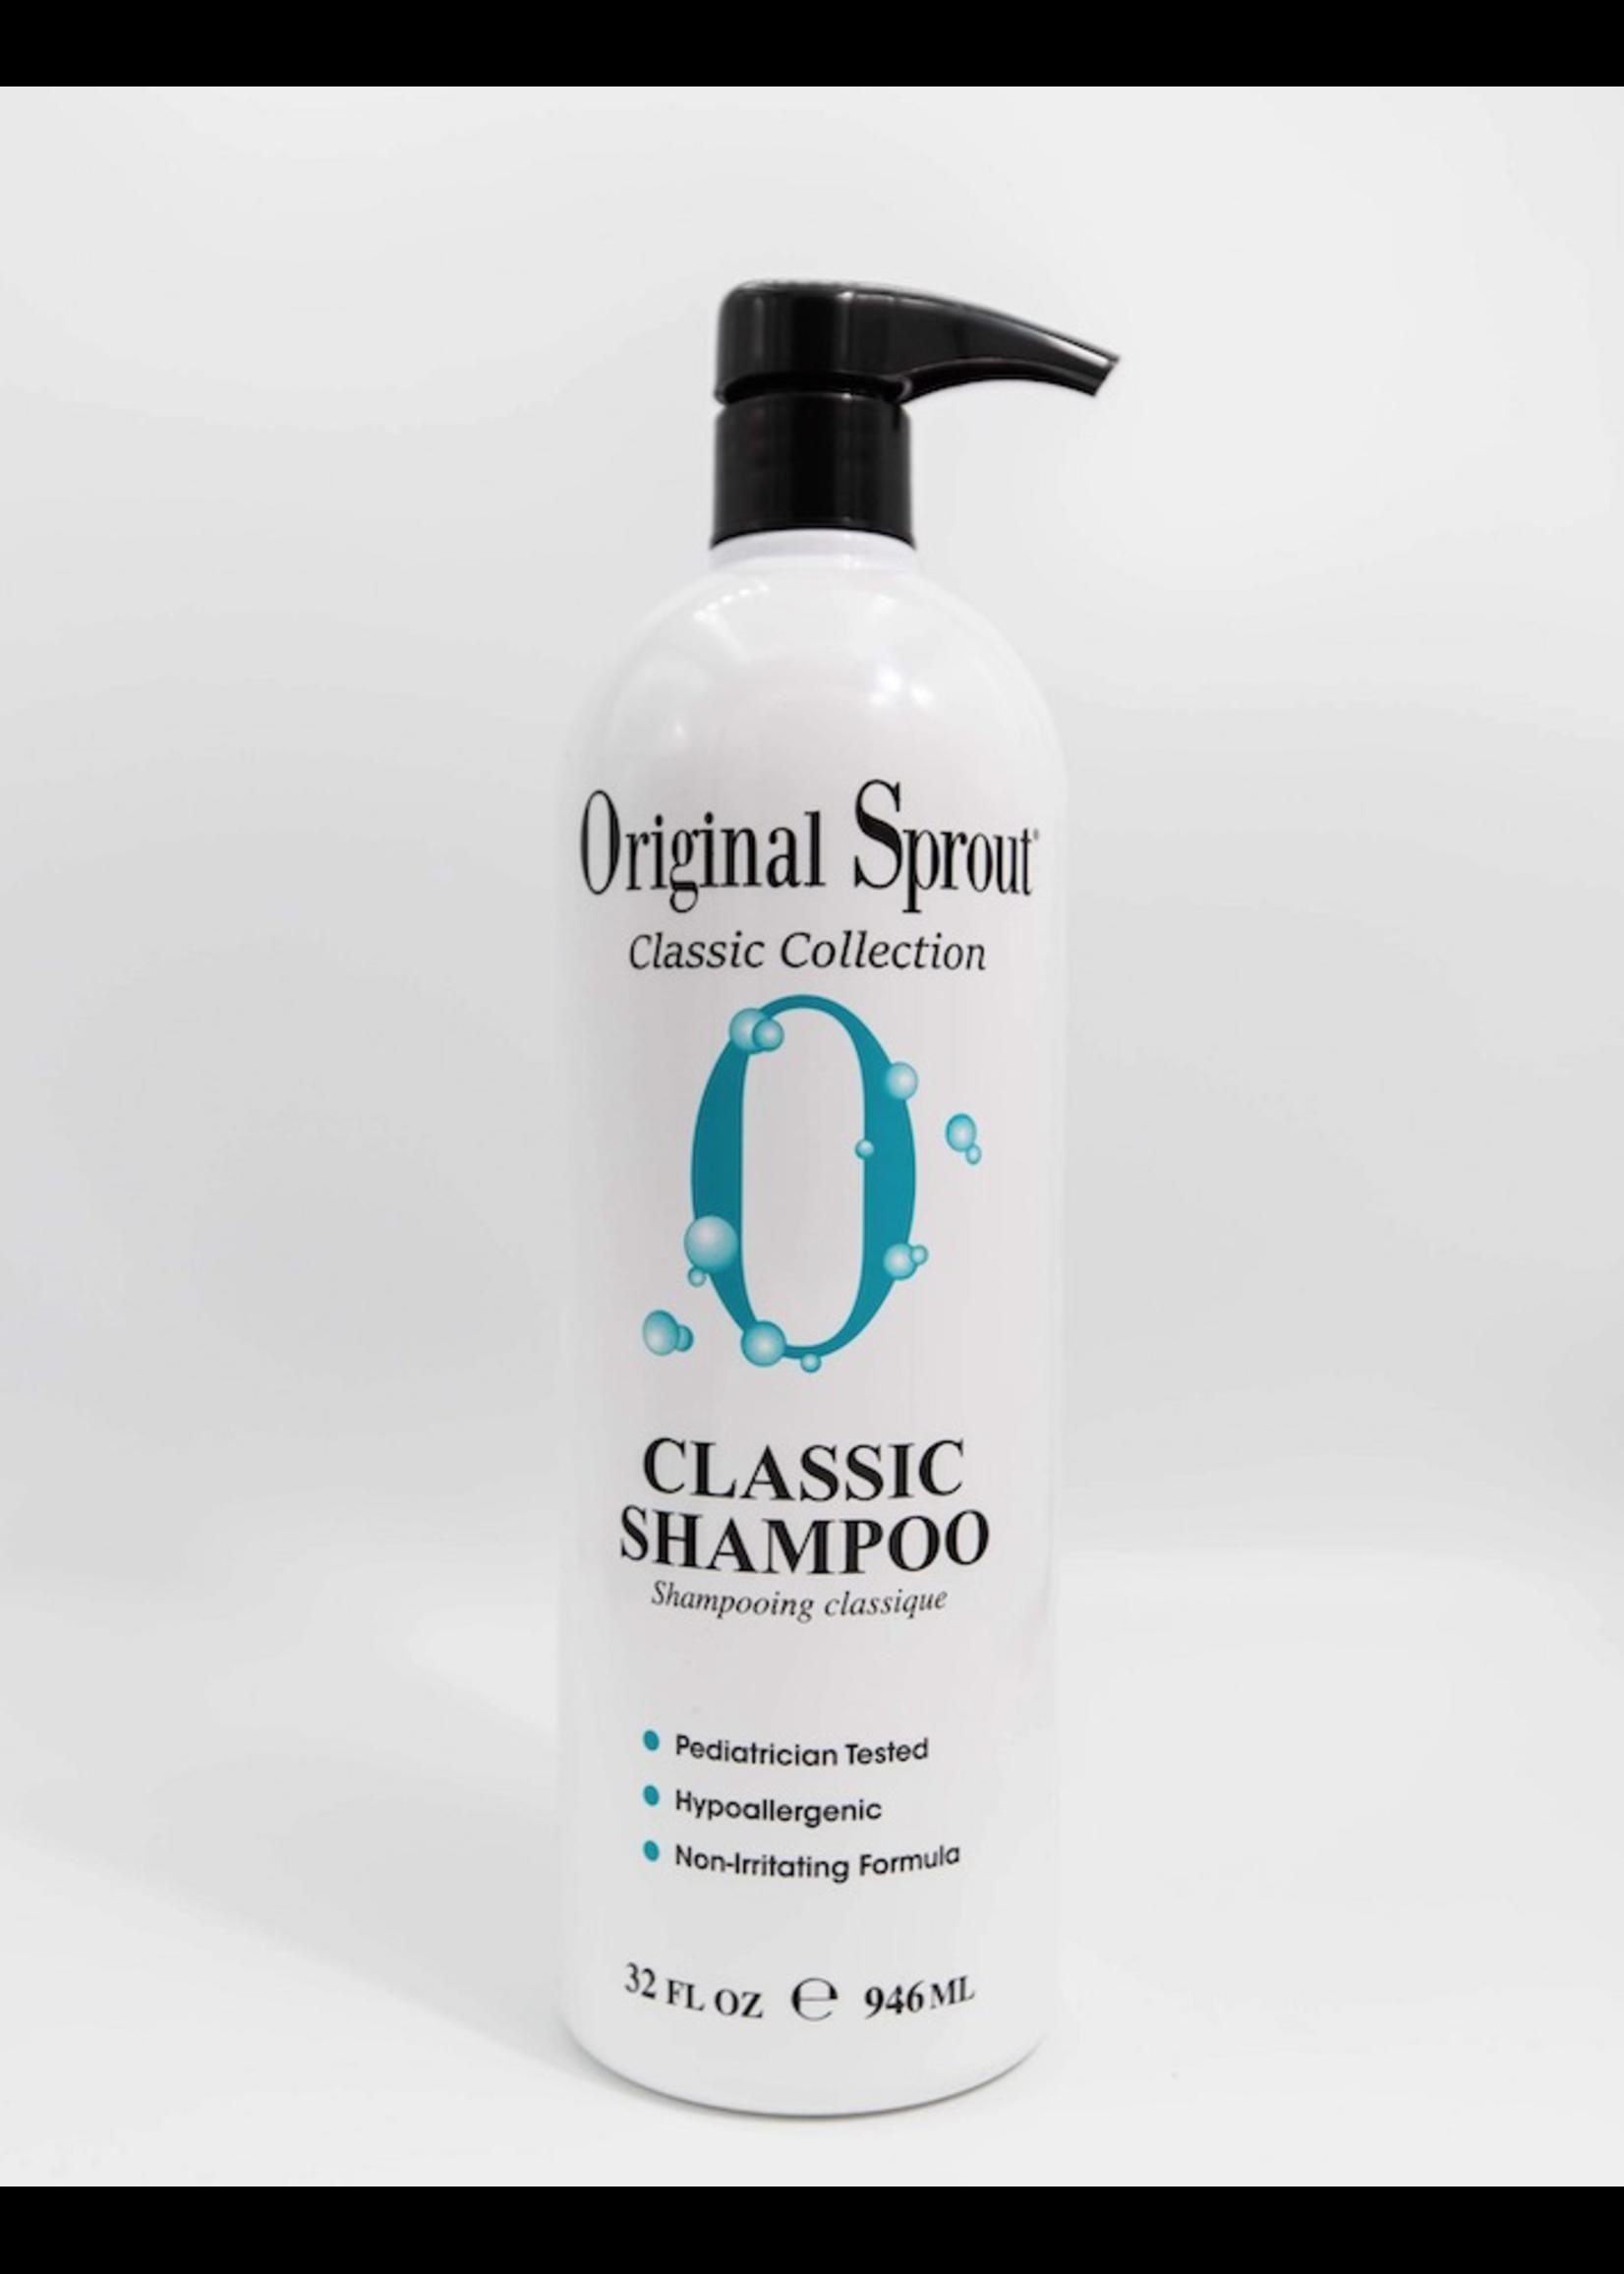 Original Sprout Original Sprout, Natural Shampoo 33oz